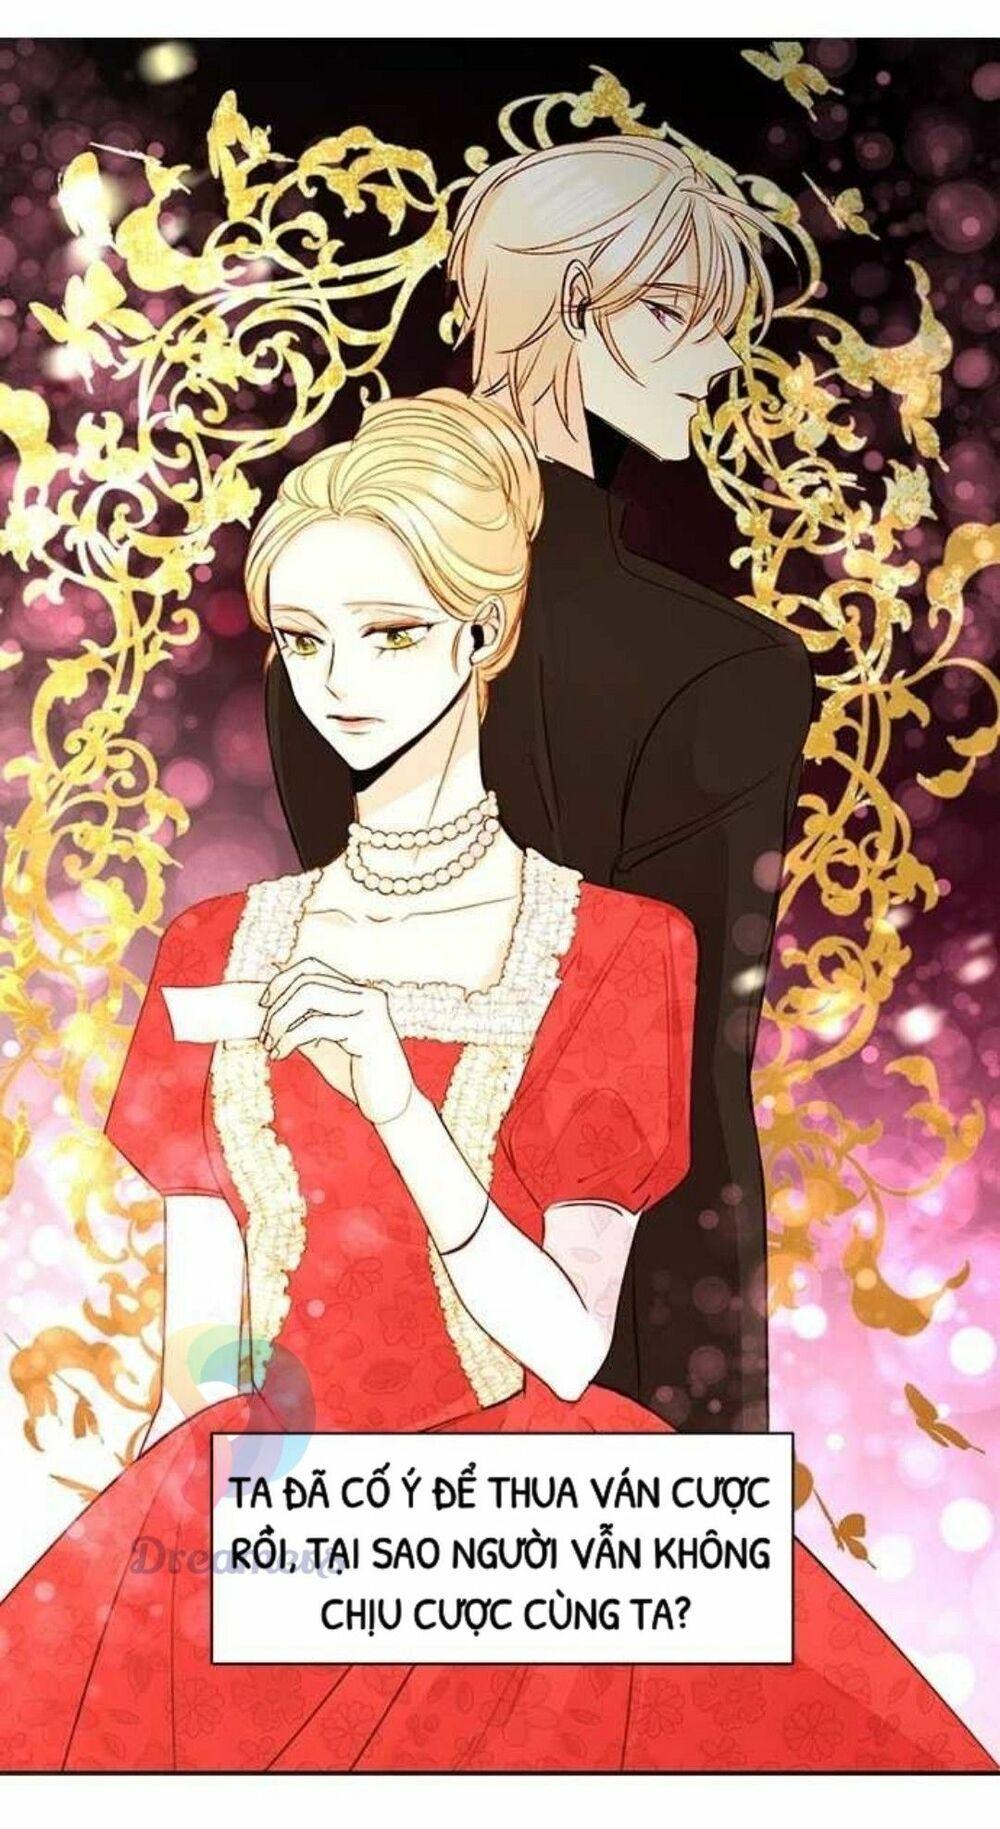 Hoàng Hậu Tái Hôn Chap 14 NhatTruyen trong 2020 Anime